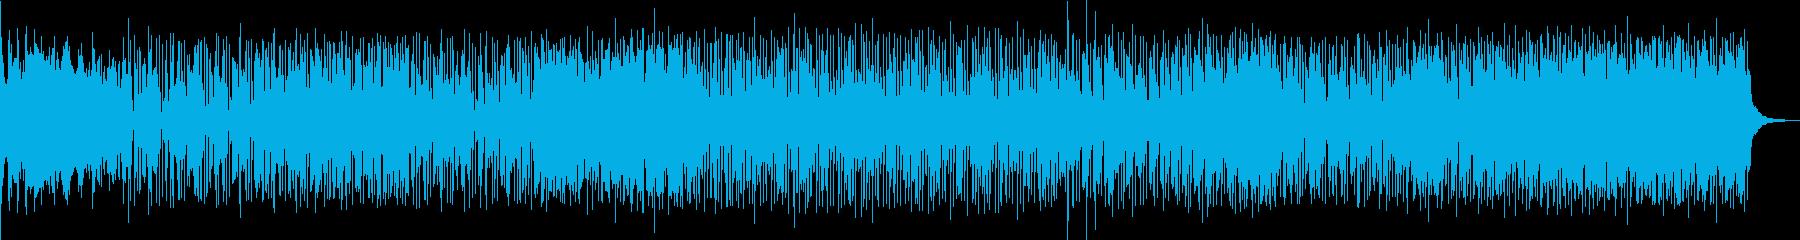 躍動感のあるロック調ポップスの再生済みの波形